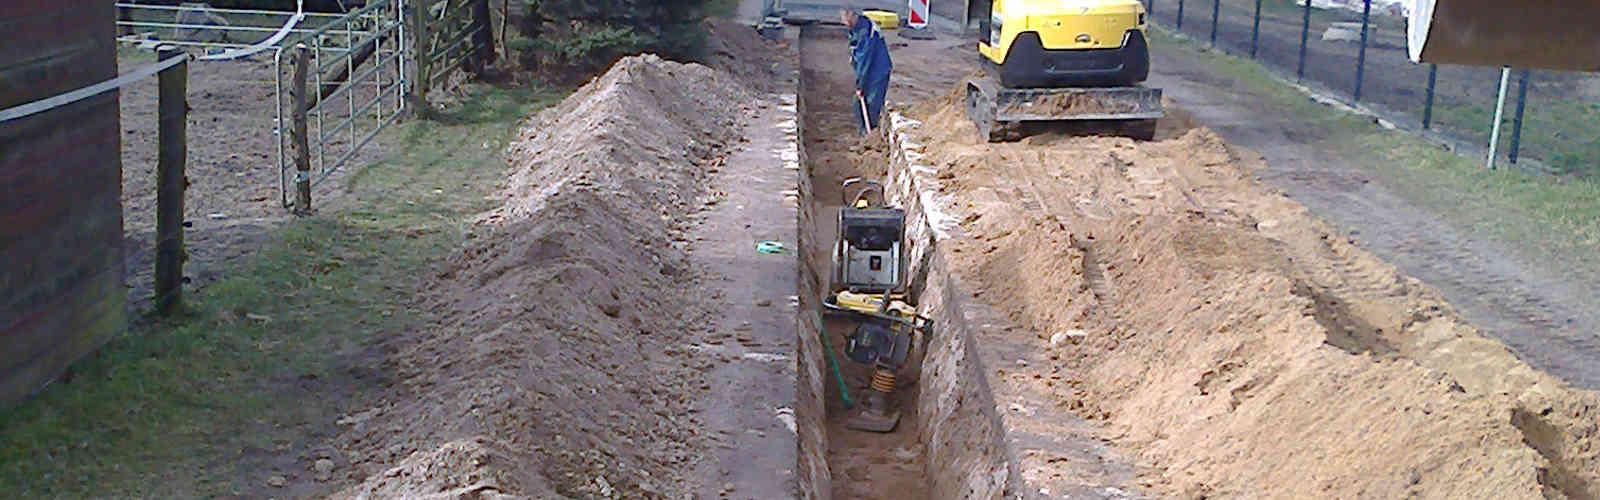 Kanalbauarbeiten der Heiko Herrmann Tief- & Rohrleitungsbau GmbH